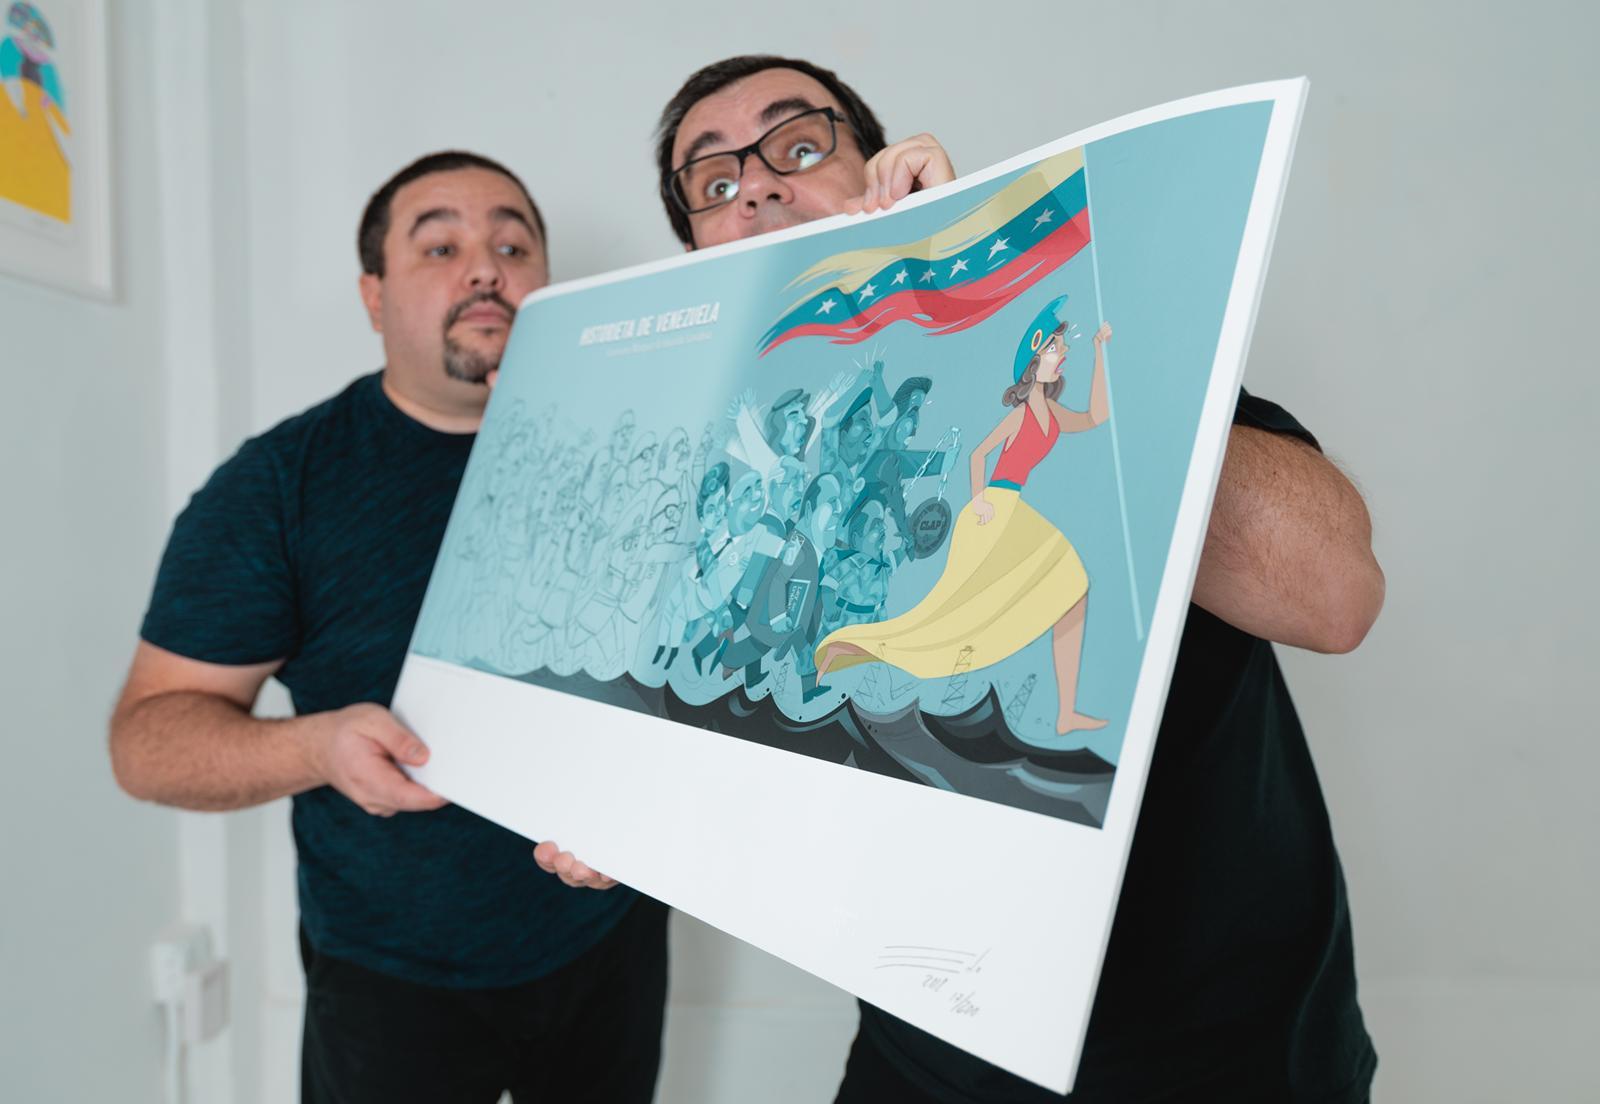 Historieta de Venezuela: de Macuro a Maduro, el nuevo libro ilustrado de Edo y Laureano - Efecto Cocuyo